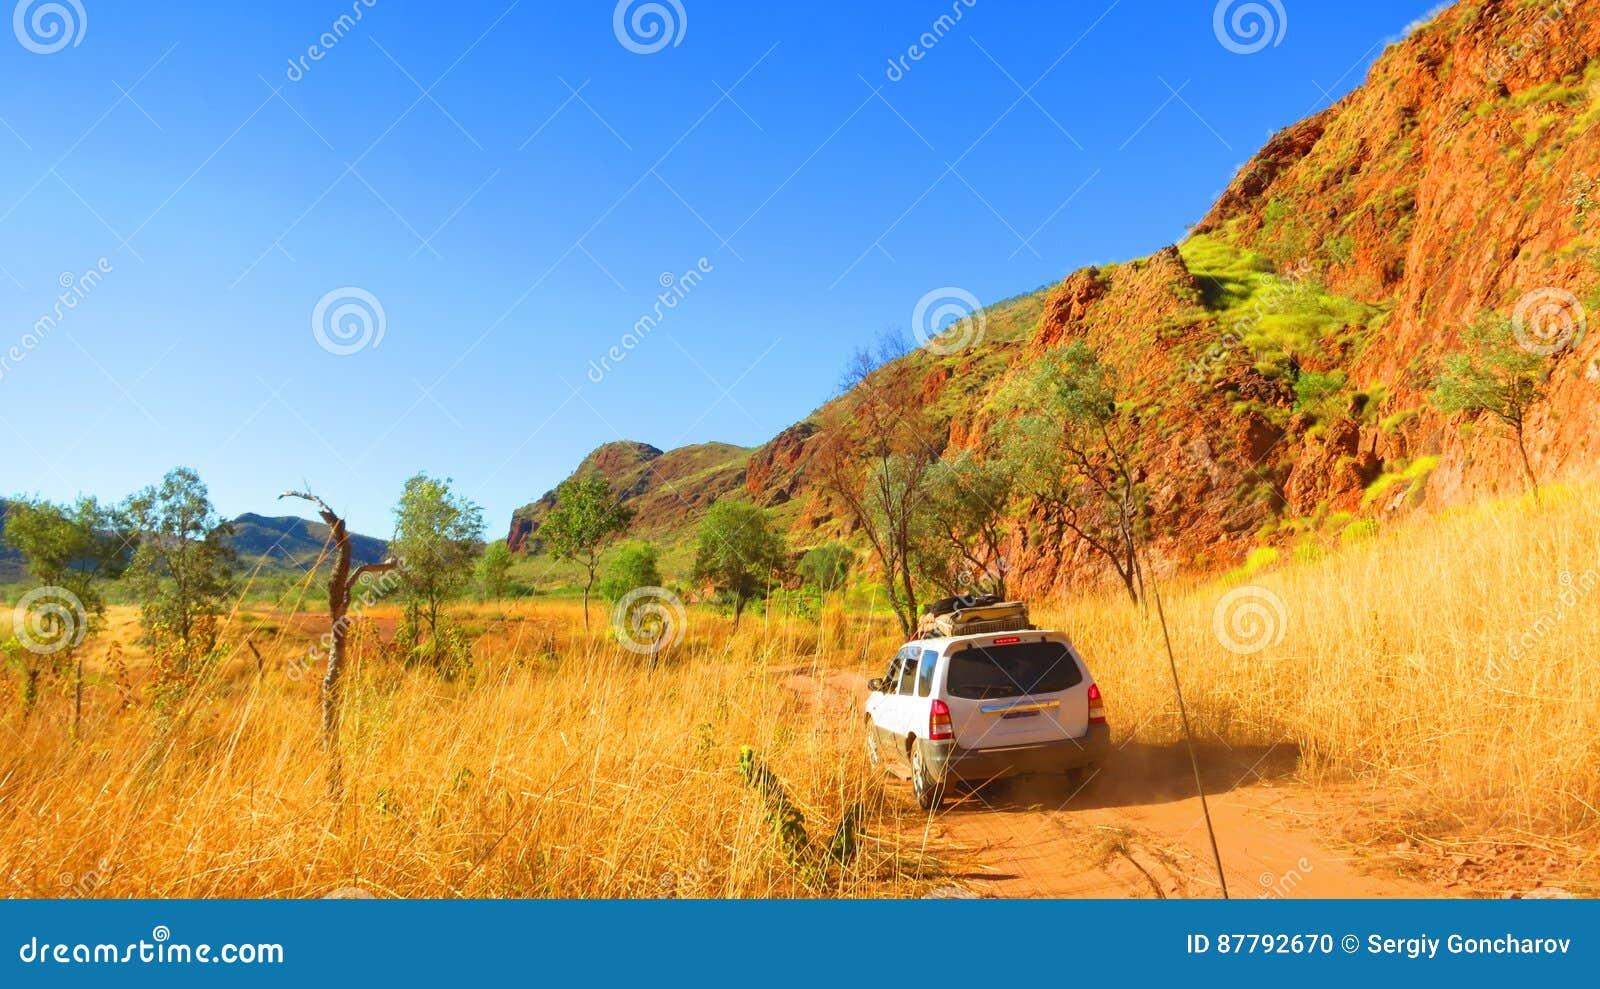 https://thumbs.dreamstime.com/z/%C3%A0-l-int%C3%A9rieur-australie-entra%C3%AEnement-d-une-commande-%C3%A0-quatre-roues-%C3%A0-la-tache-campante-pr%C3%A8s-de-la-chaussette-avec-des-87792670.jpg